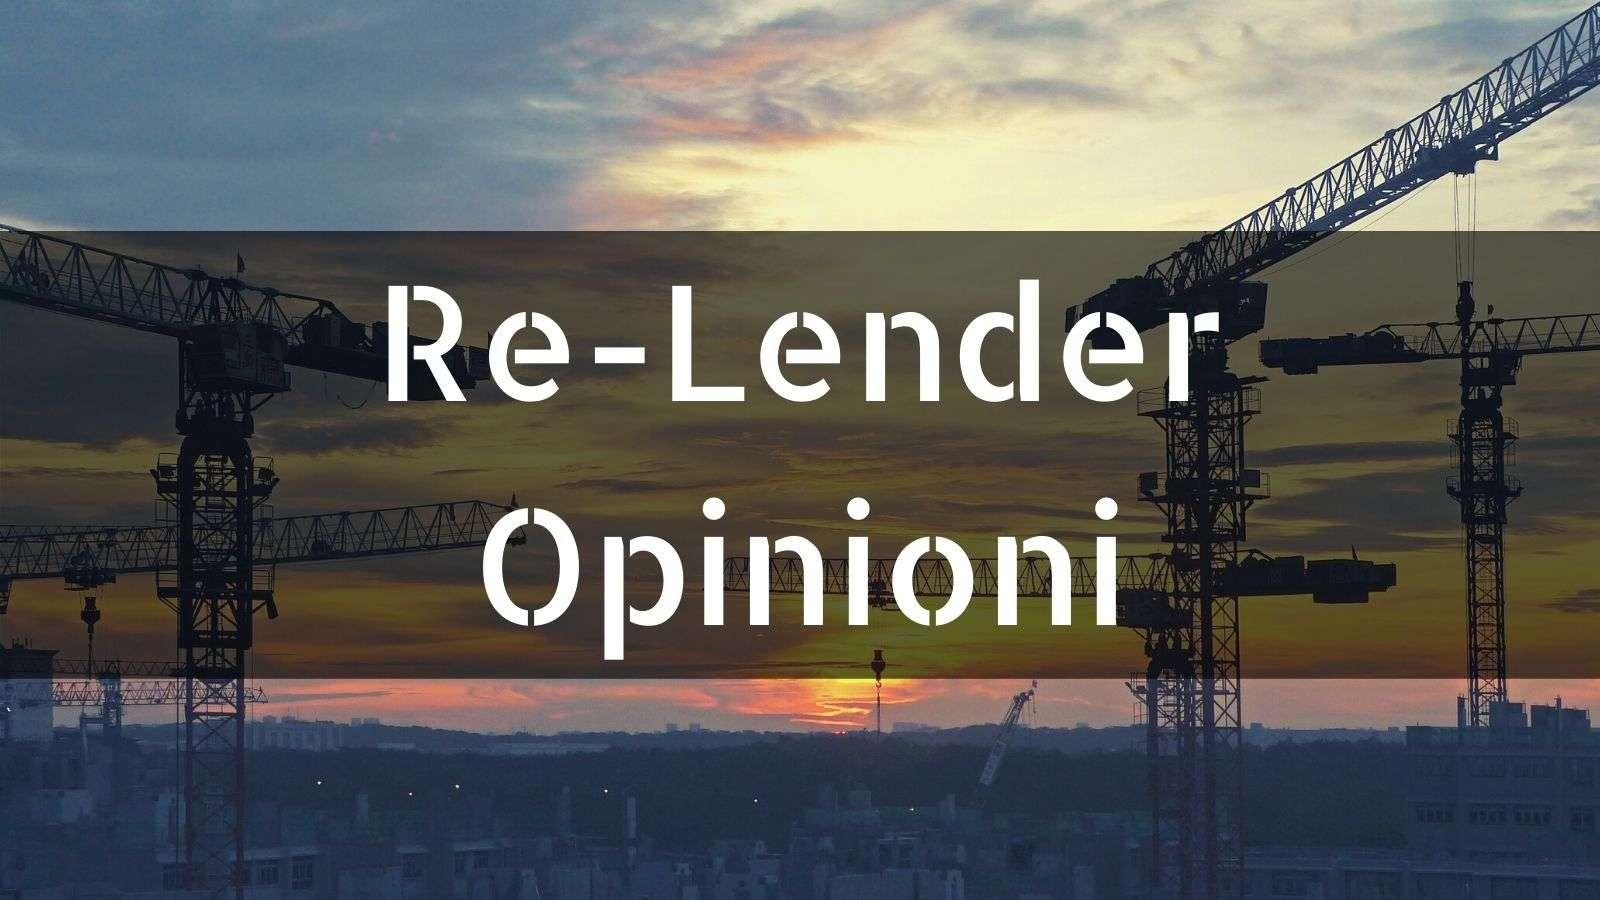 Re-Lender opinioni negative e positive [pro e contro]